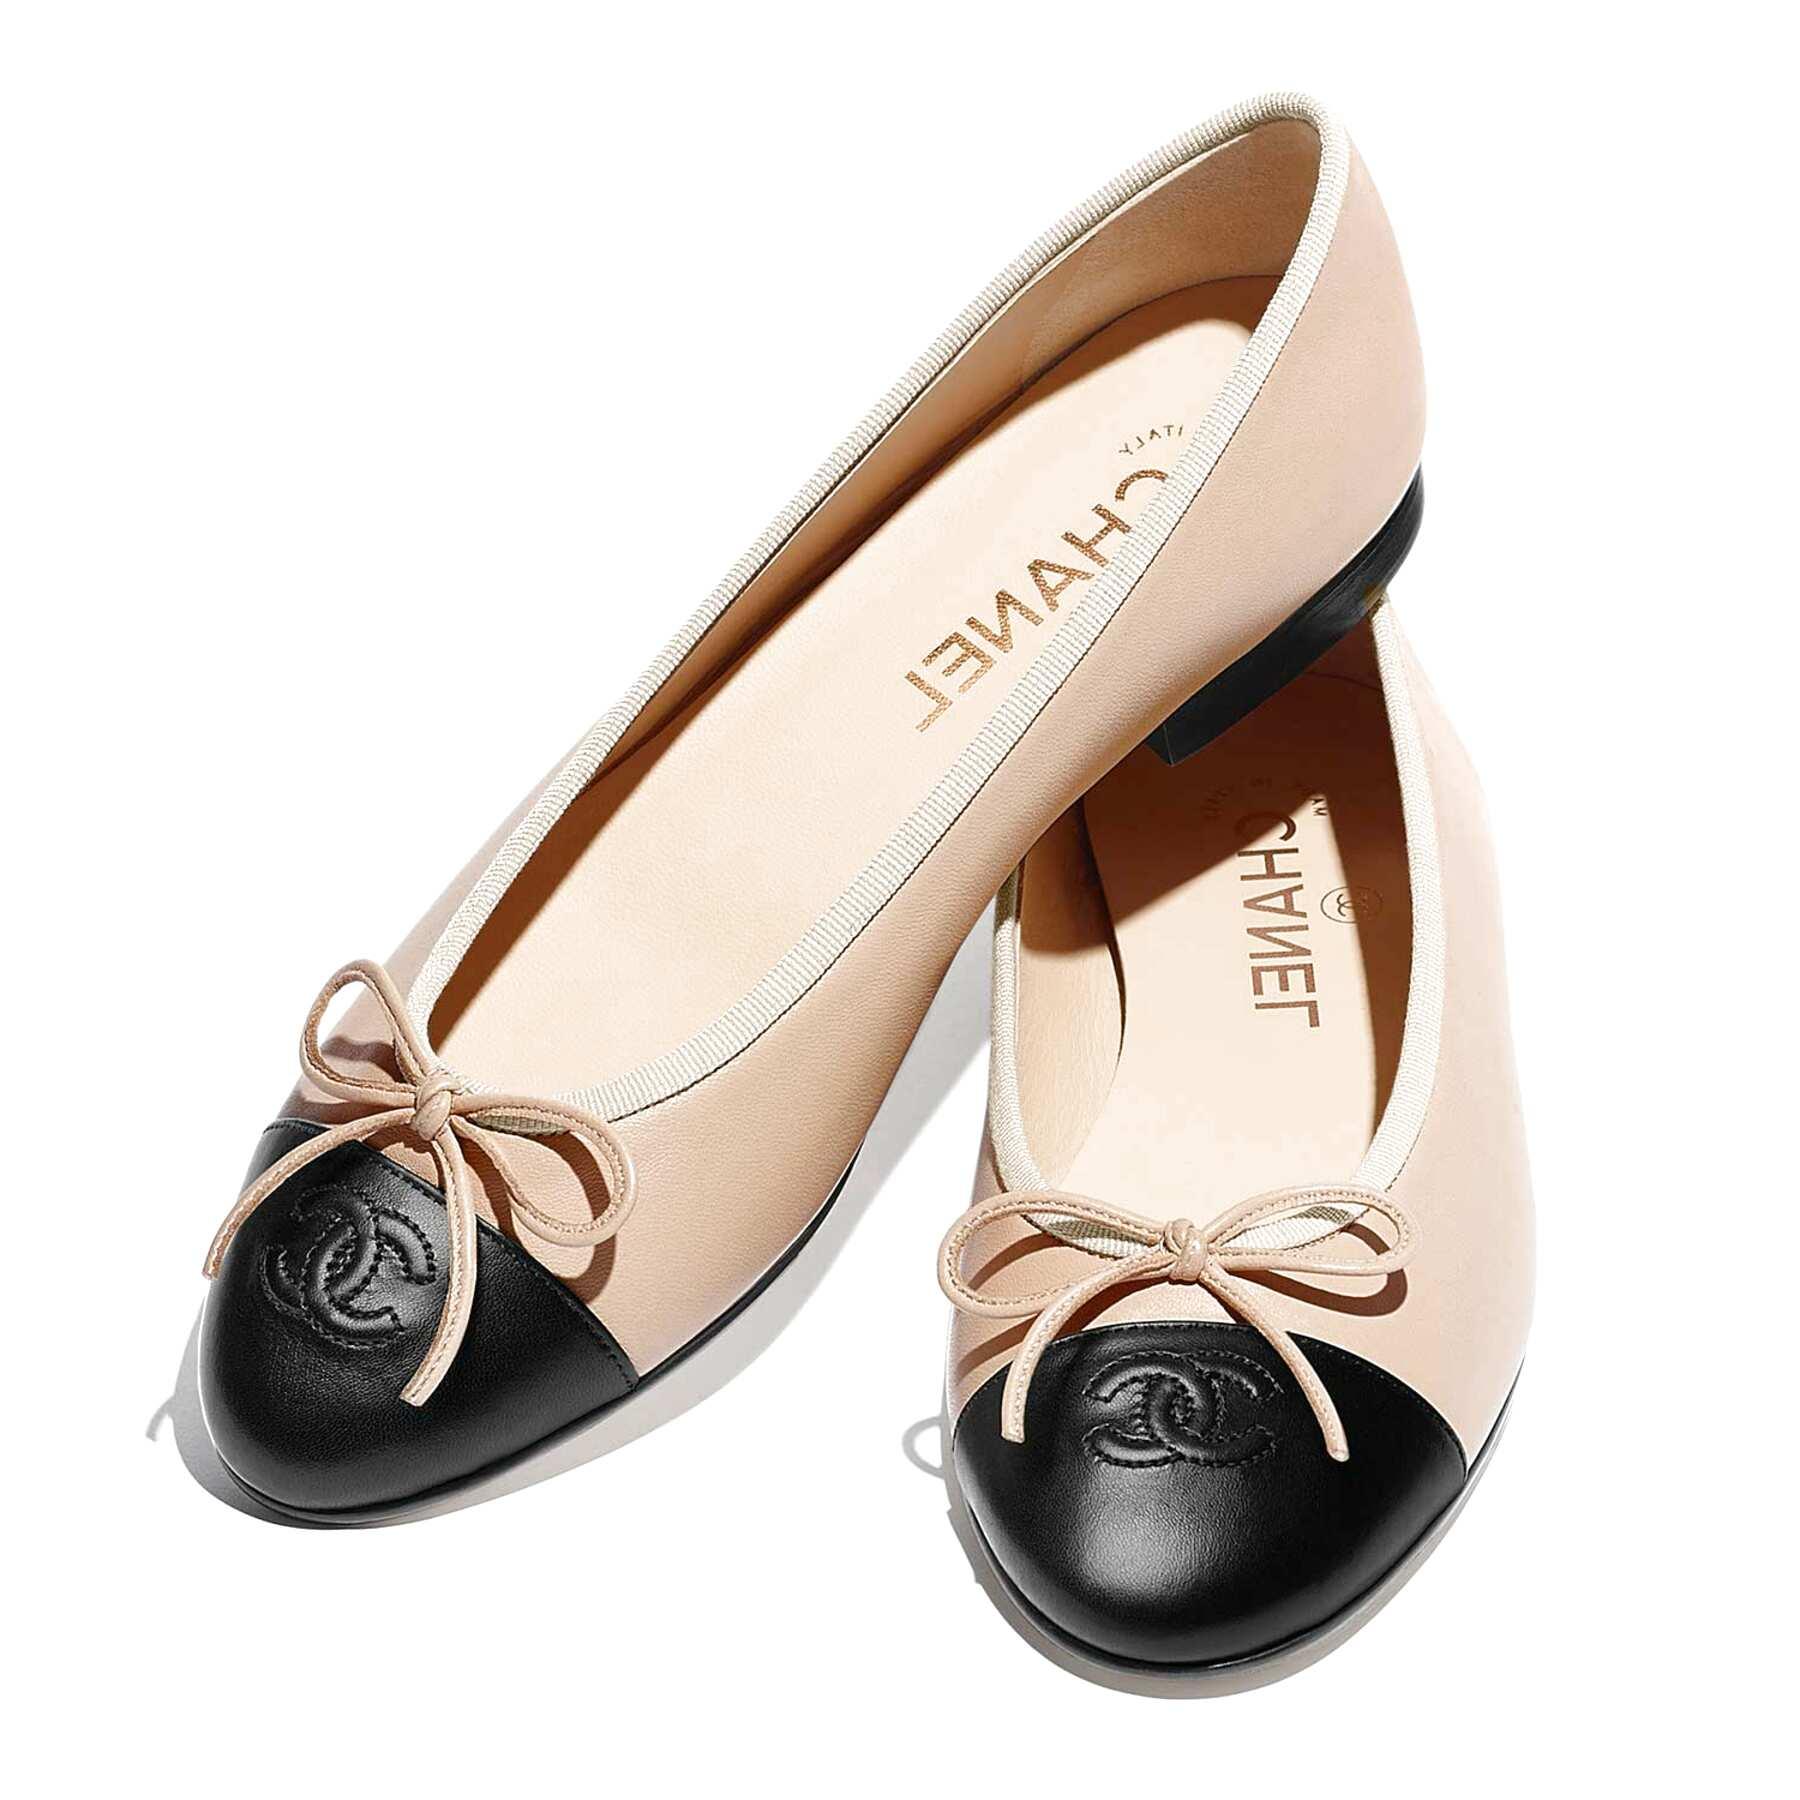 bellezza stili di moda migliori prezzi Ballerine Chanel usato in Italia   vedi tutte i 40 prezzi!